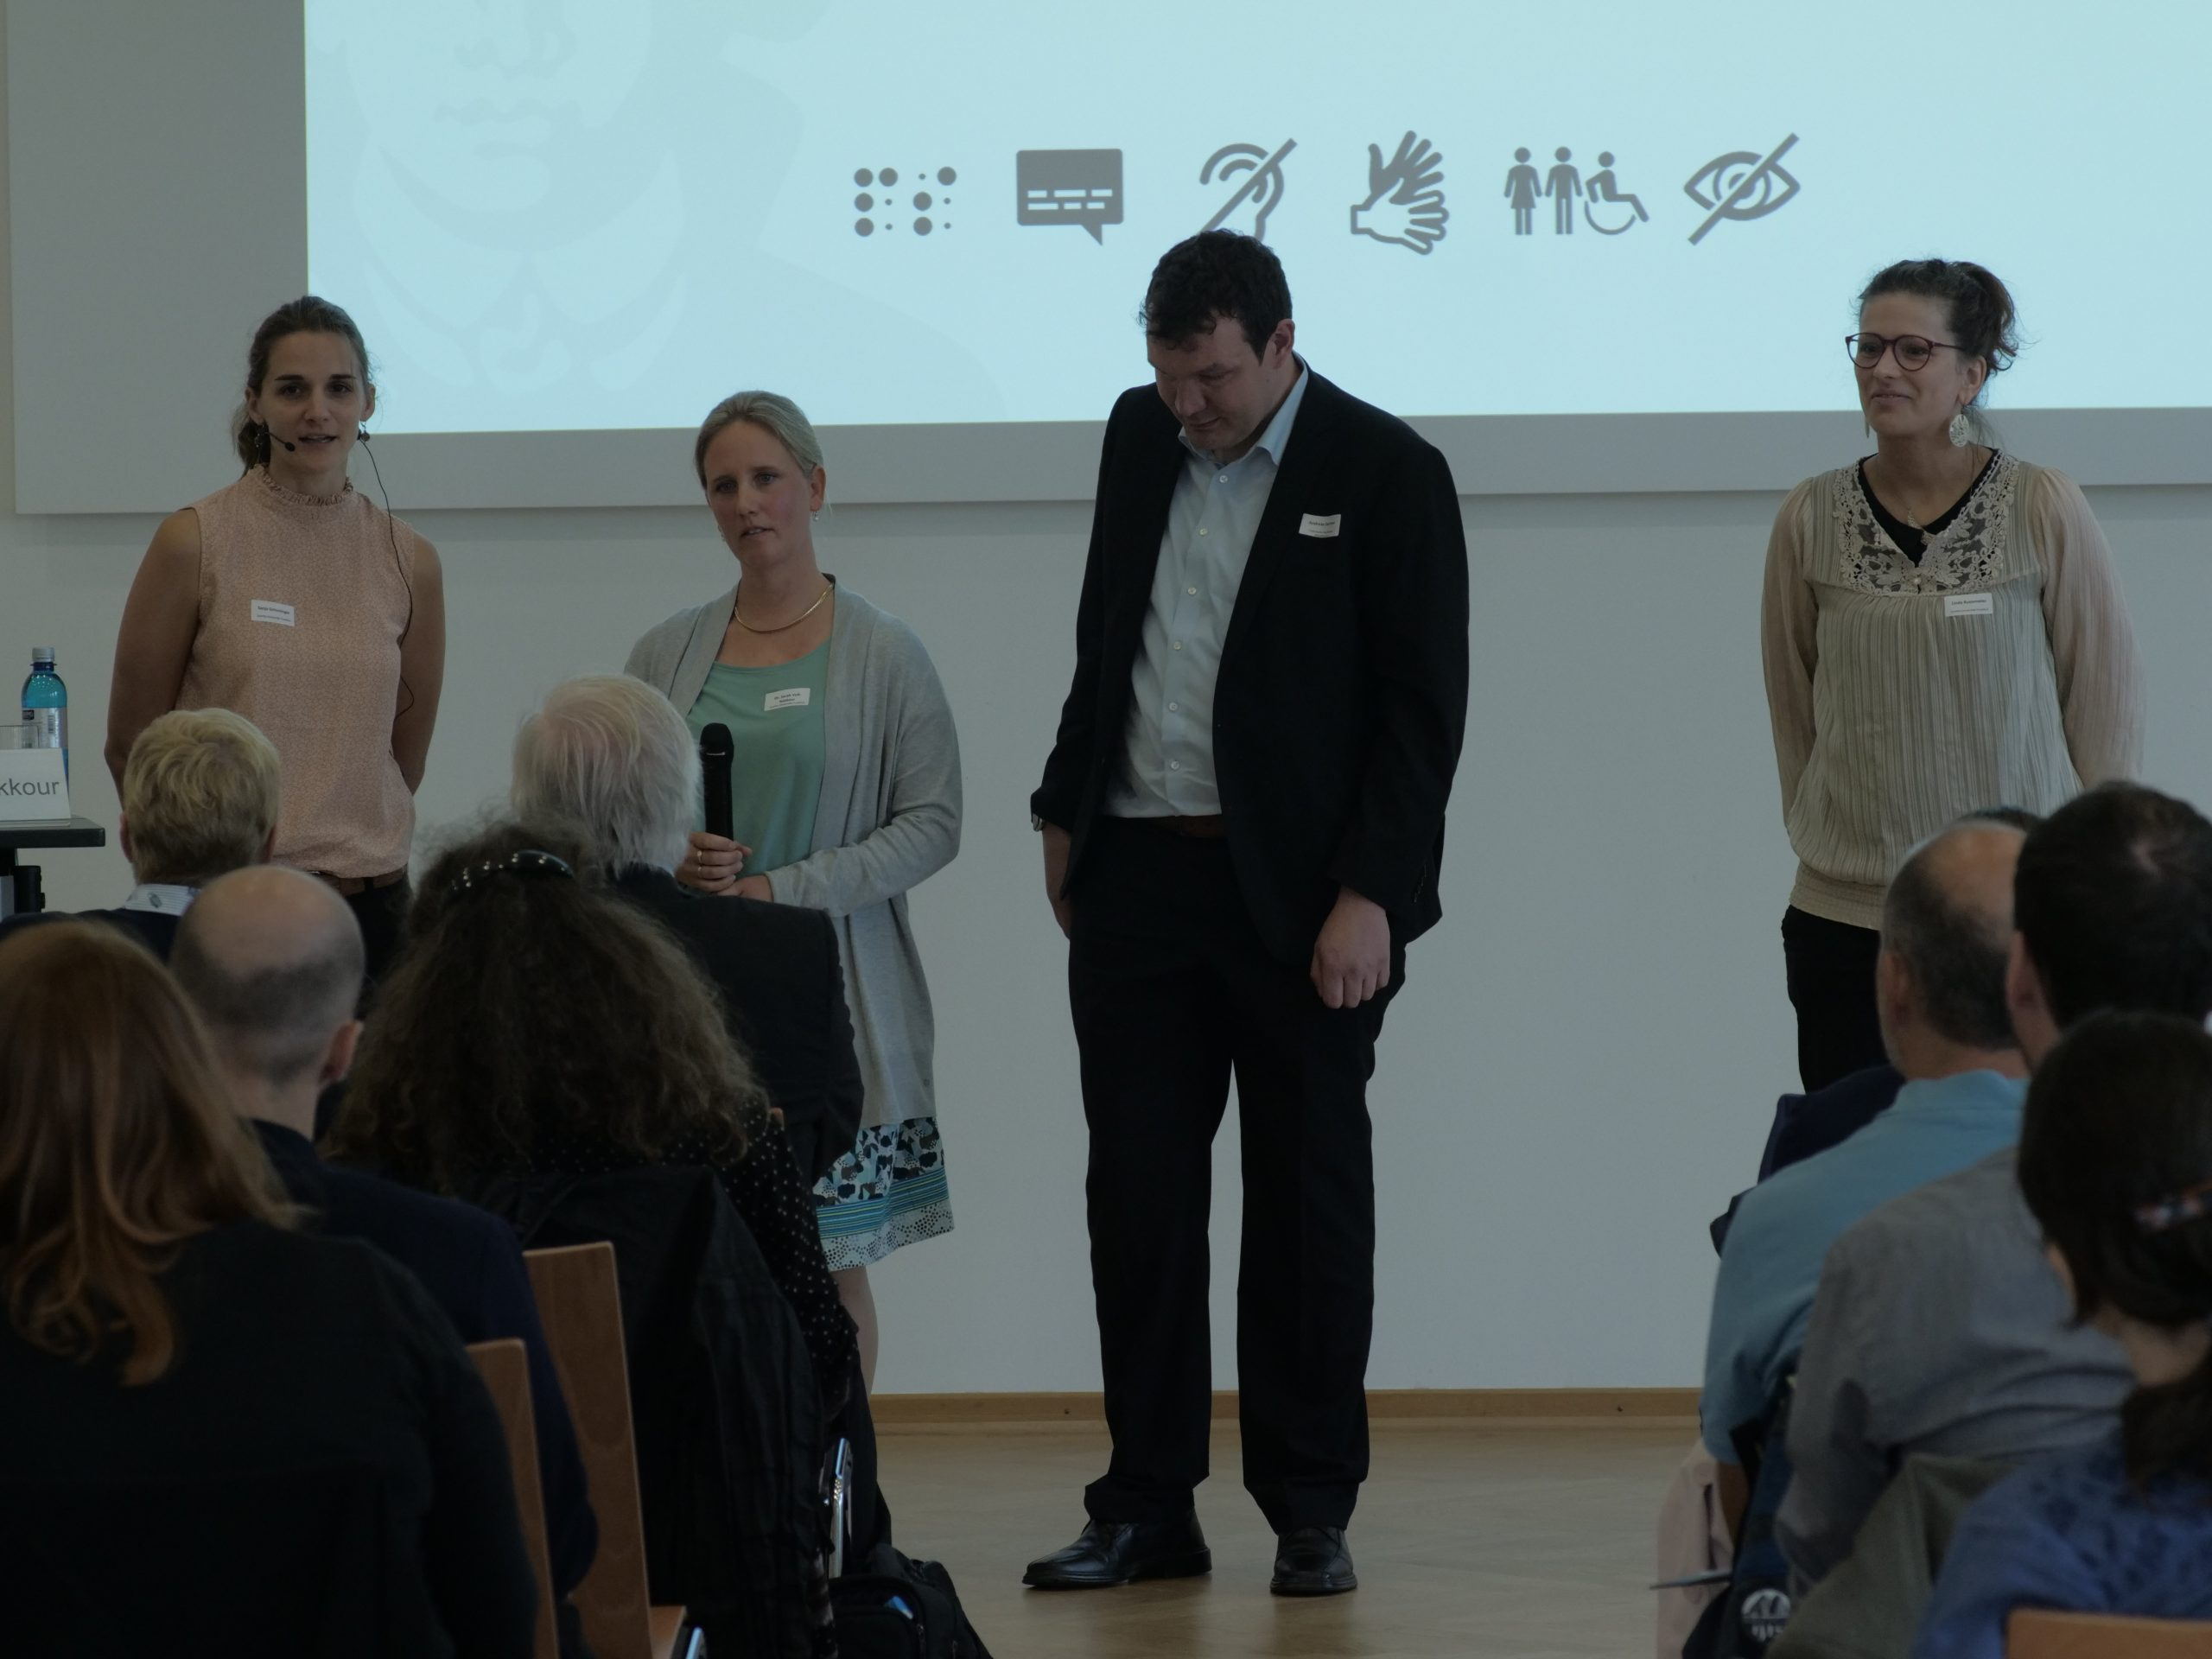 Die InnoBar-Koordinator*innen am 1. Vernetzungstreffen am Frankfurter Campus Westend (15.8.19), von links nach rechts: Sanja Grimminger, Dr. Sarah Voß-Nakkour (beide Goethe-Universität), Andreas Deitmer (BLiZ Gießen) und Linda Rustemeier (Goethe-Universität).